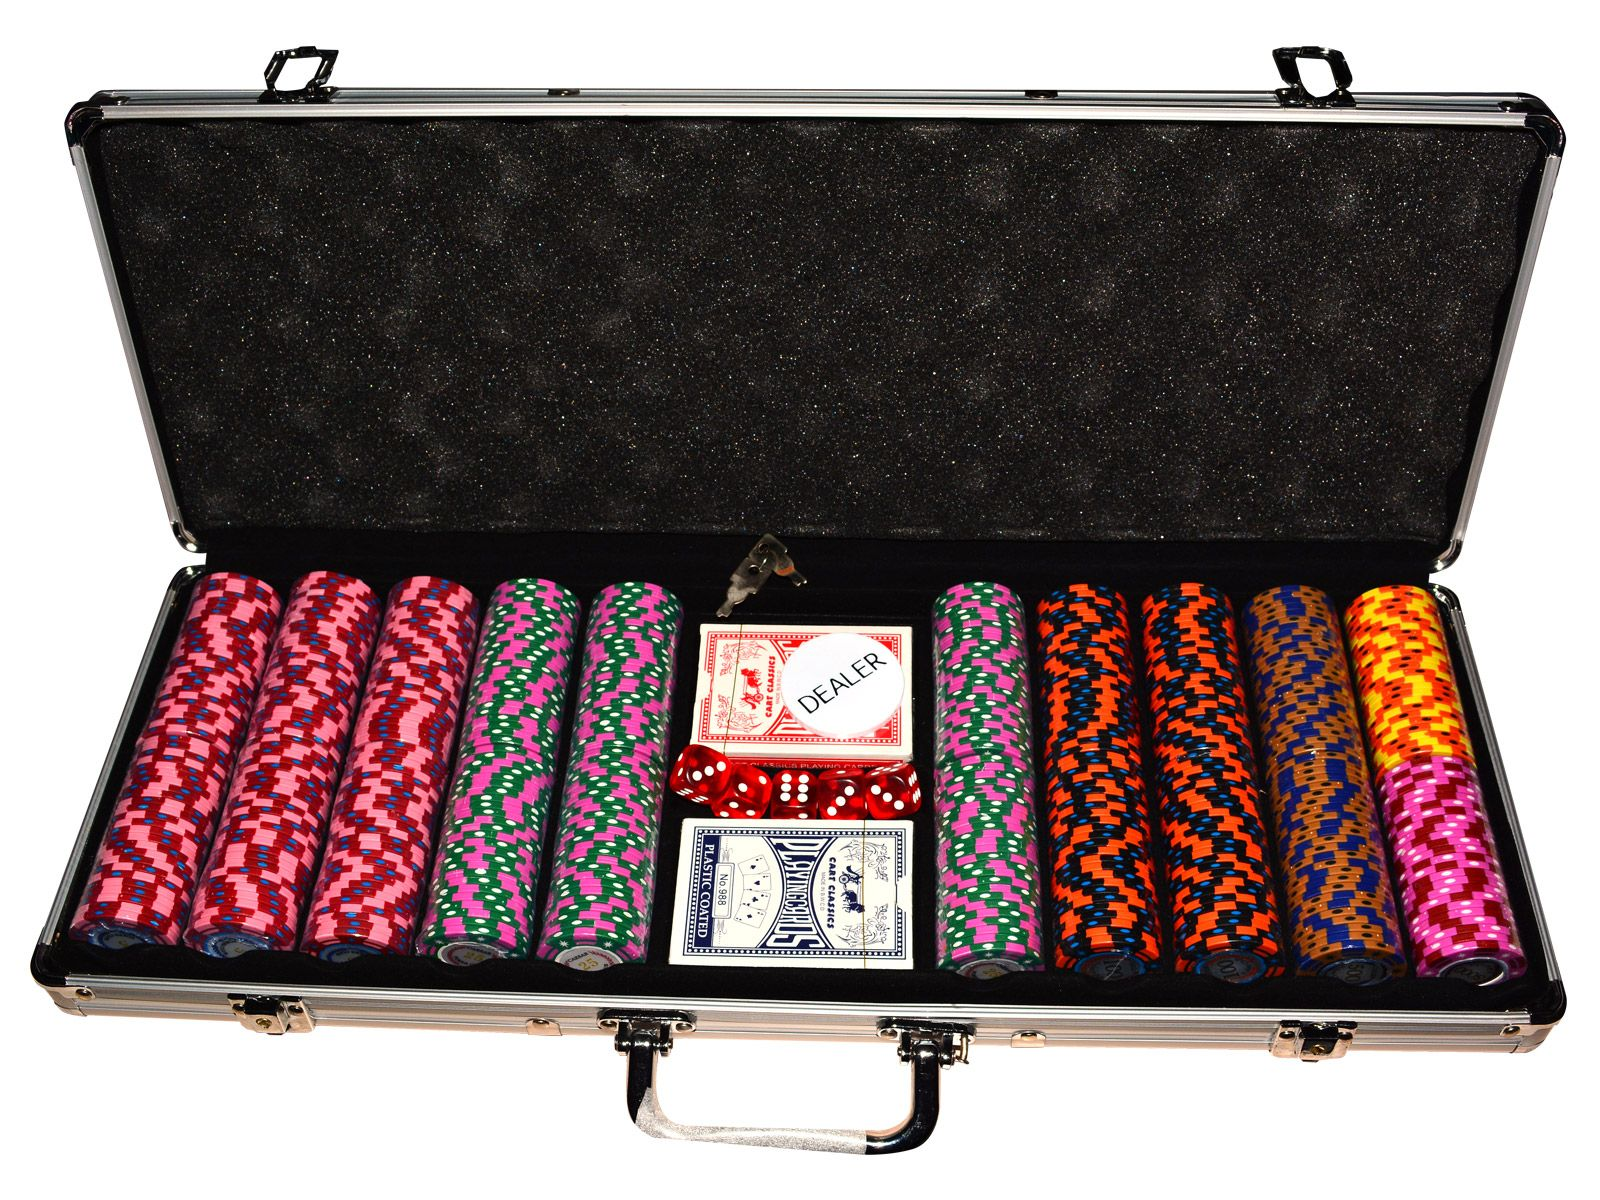 Алуминиево куфарче с 500 Caeser Preimum покер чипа - 1